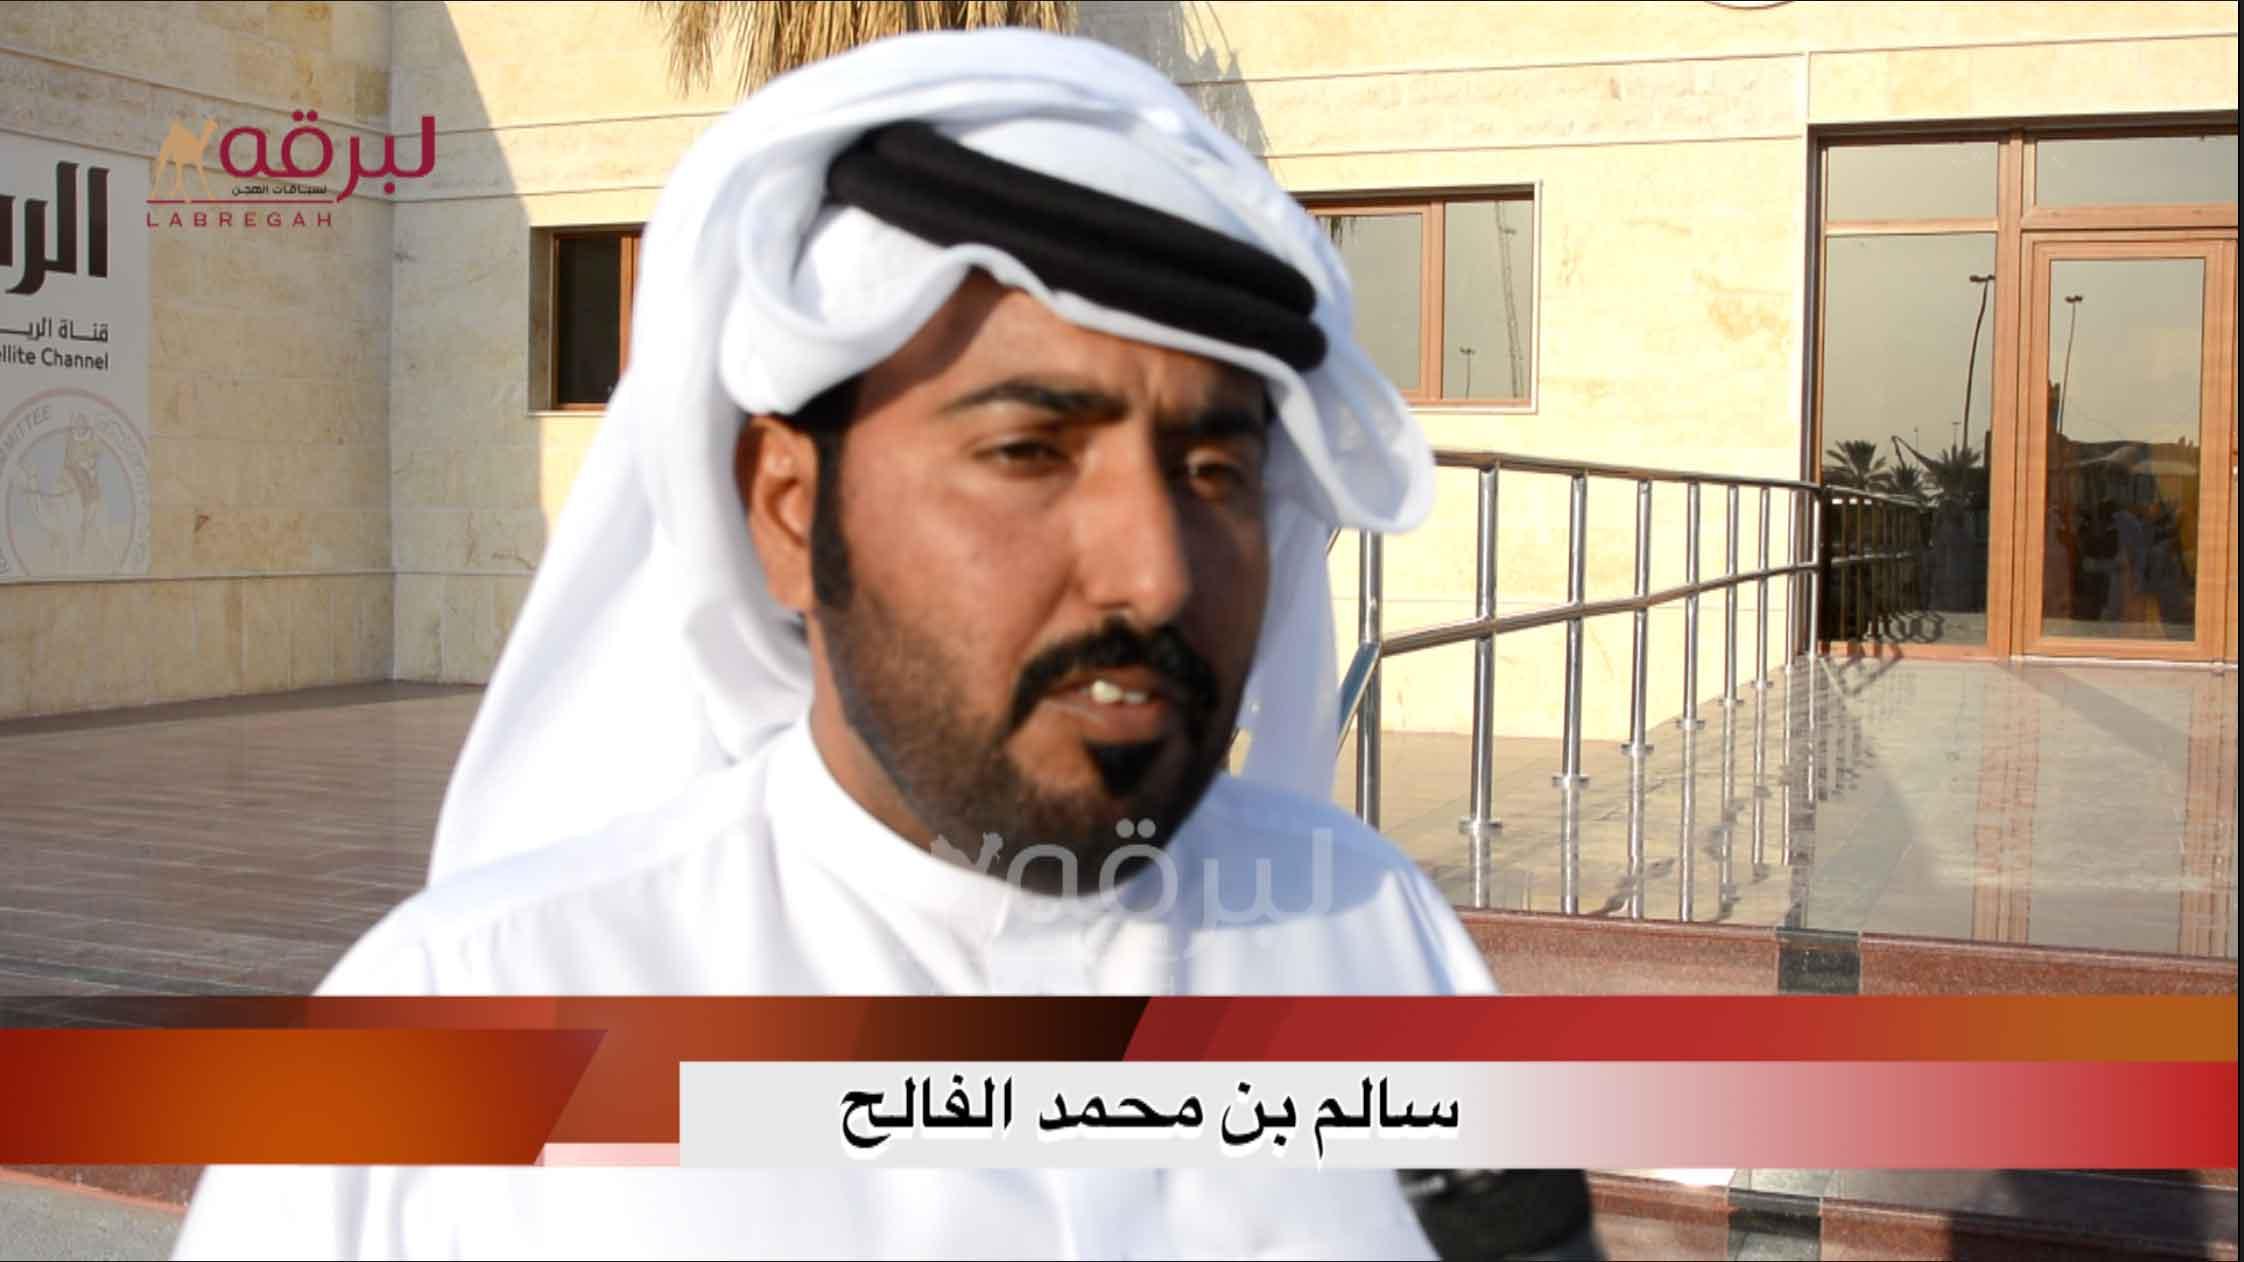 لقاء مع سالم بن محمد الفالح.. الخنجر الفضي حقايق قعدان « مفتوح » الأشواط العامة  ١٧-١-٢٠٢١